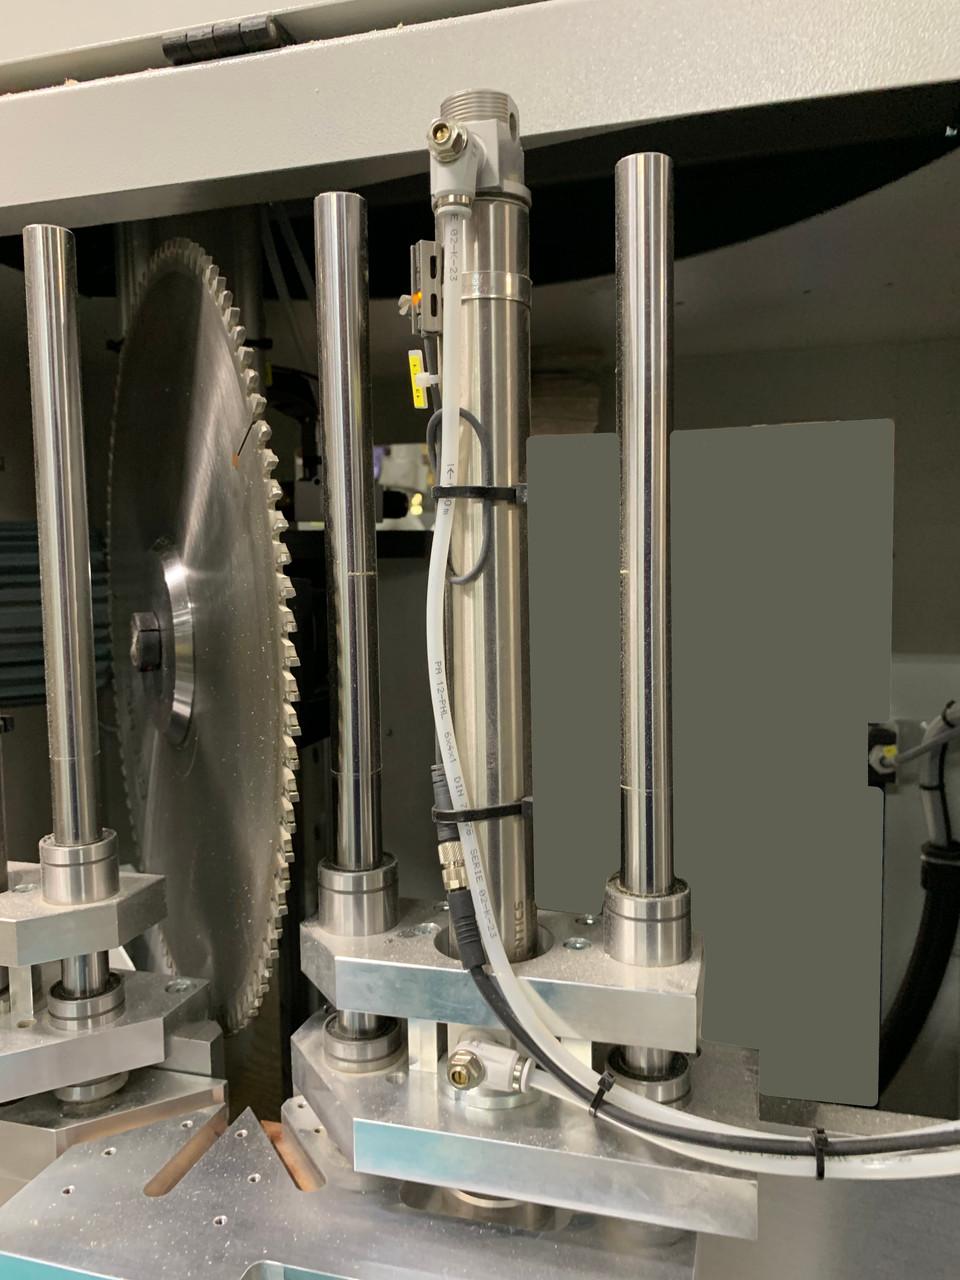 Hoffmann ACS-1 saw blade detail